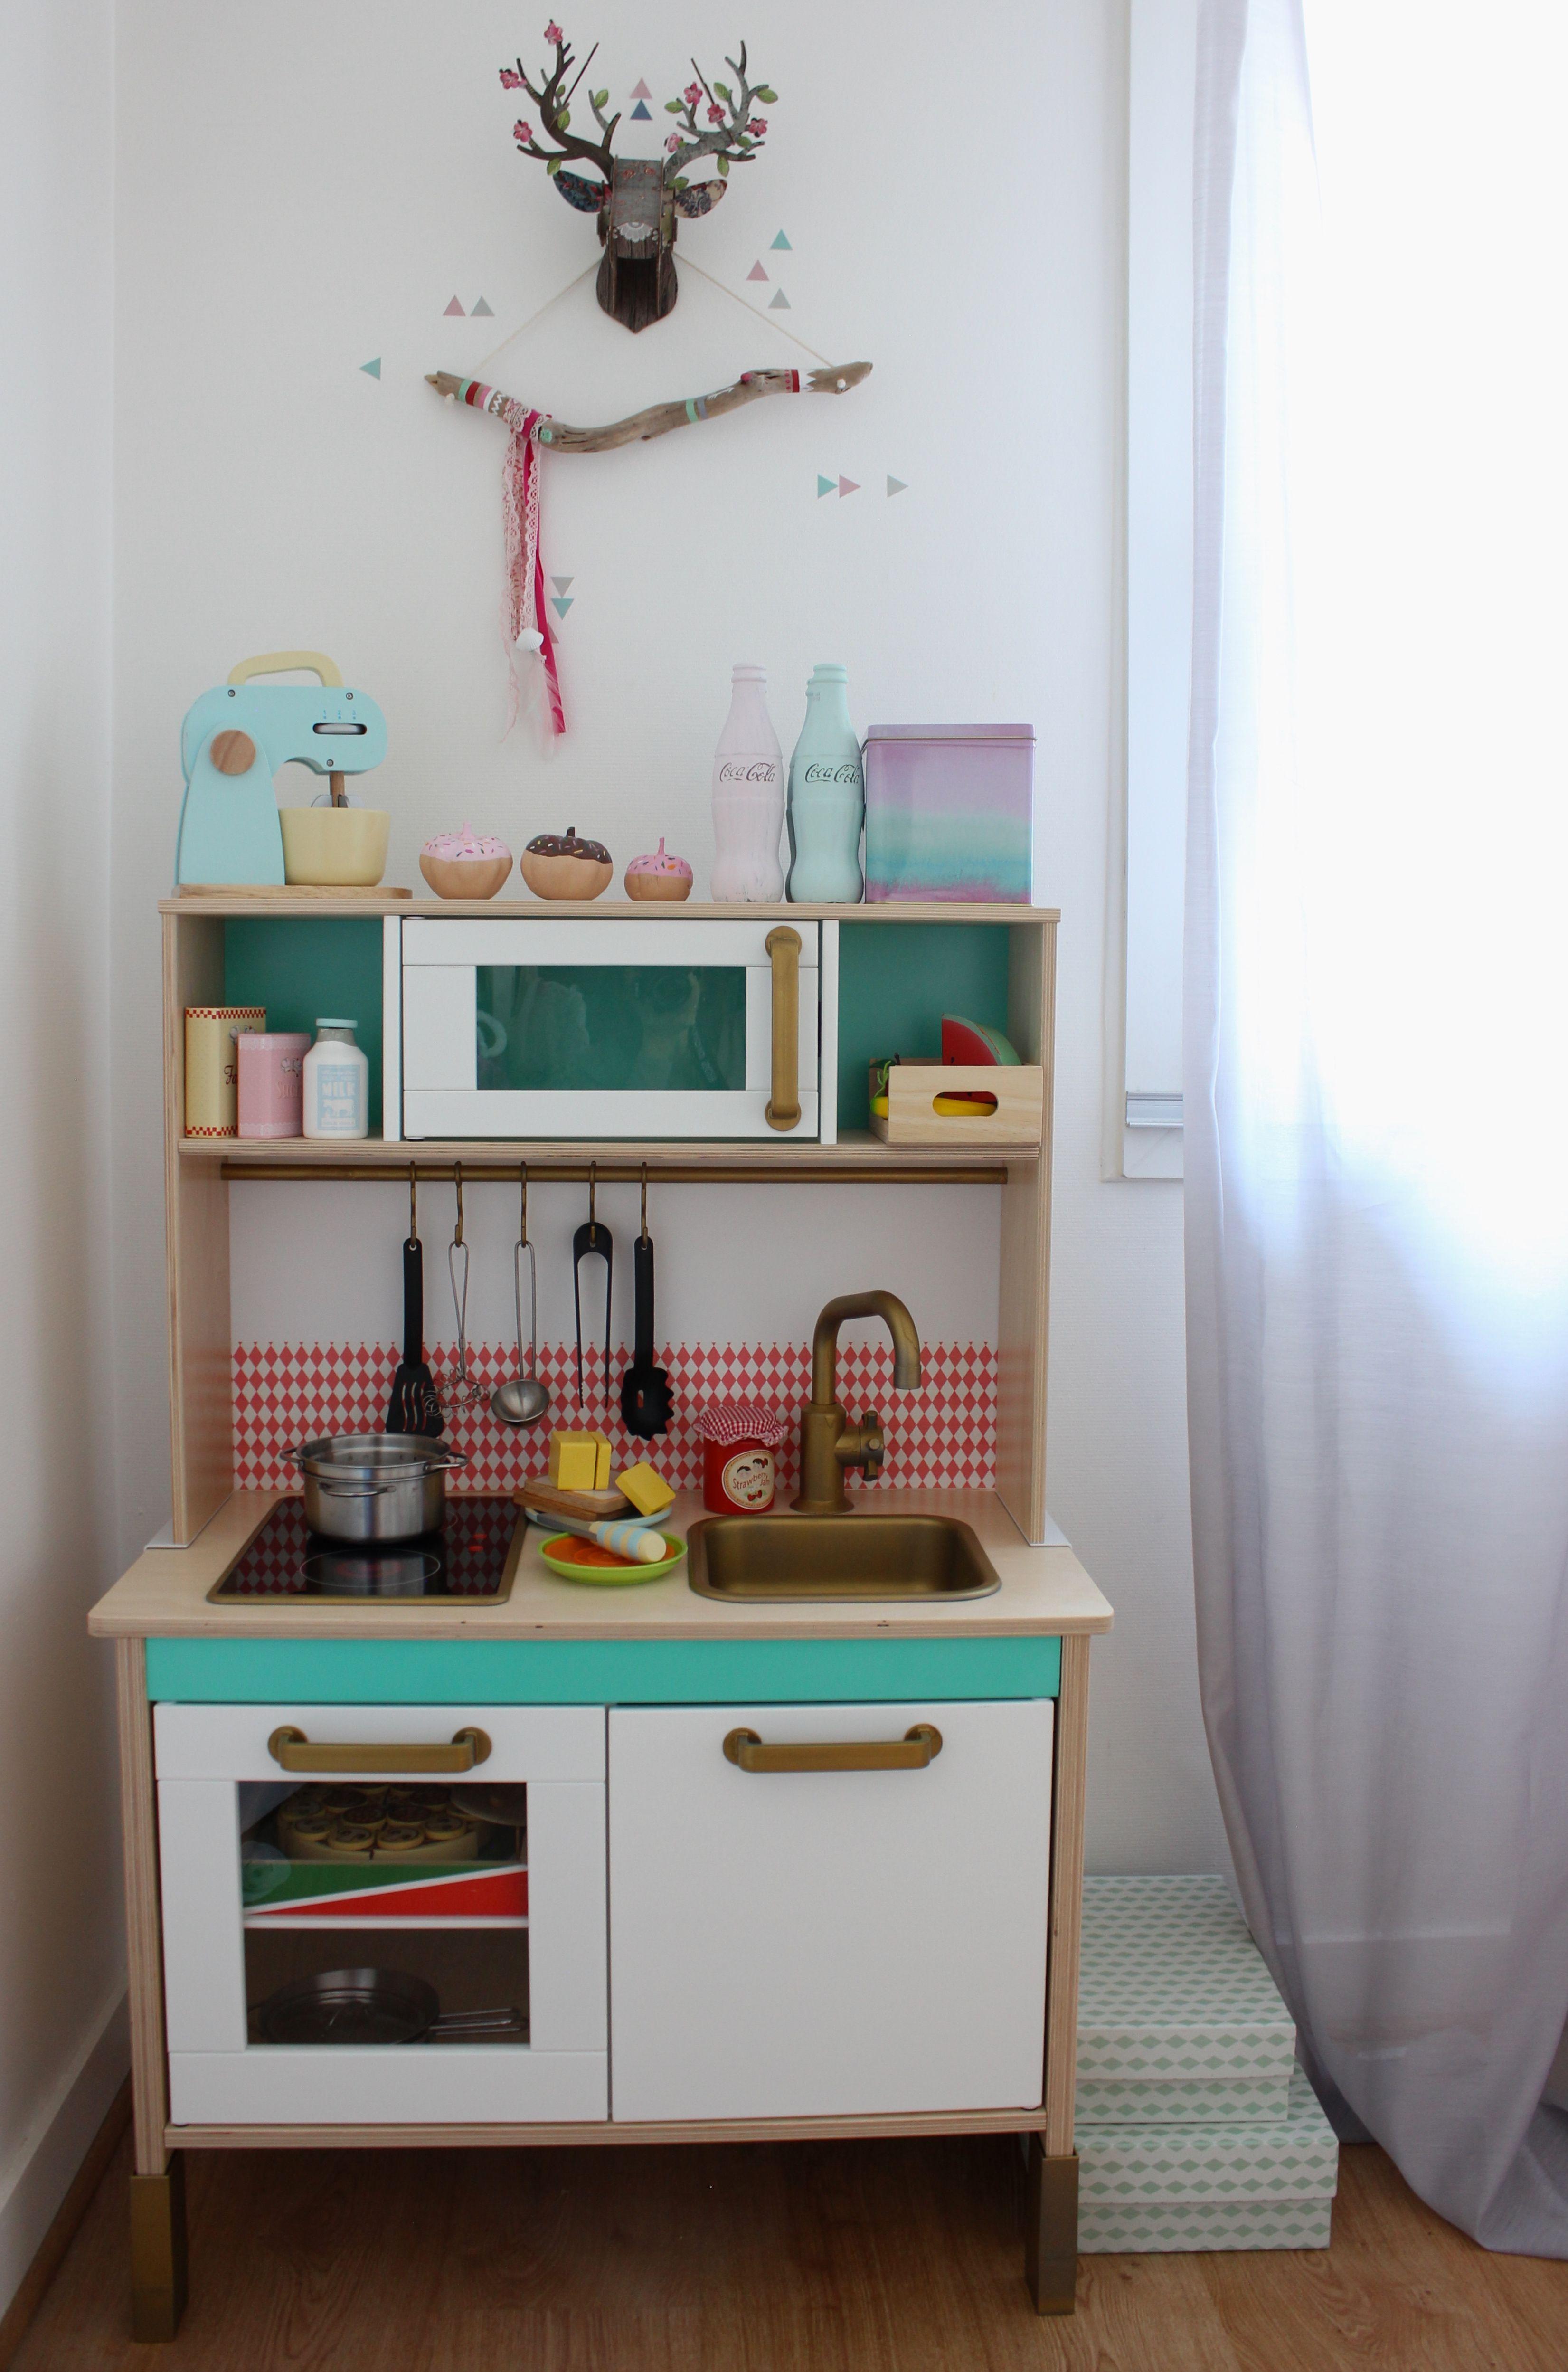 jouet cuisine ikea cuisine znfant ikea jouet en bois les petites cuisines pour enfants enfant. Black Bedroom Furniture Sets. Home Design Ideas